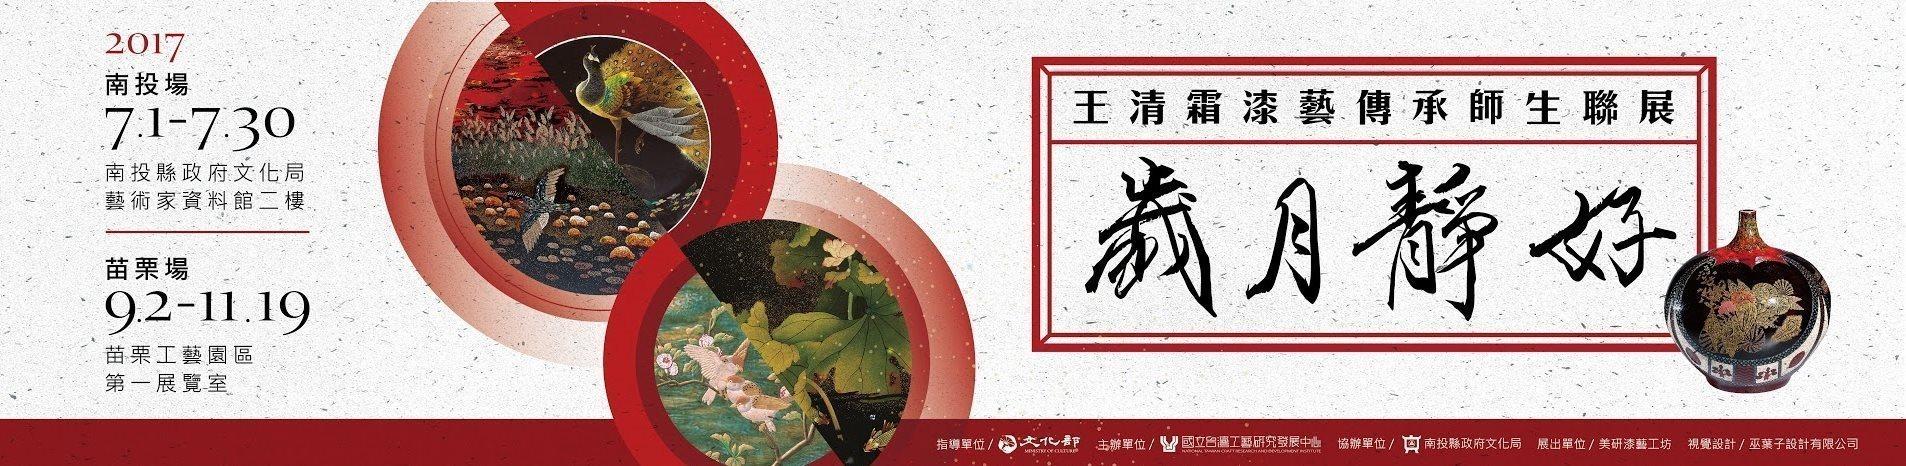 歲月靜好-王清霜漆藝傳承師生聯展